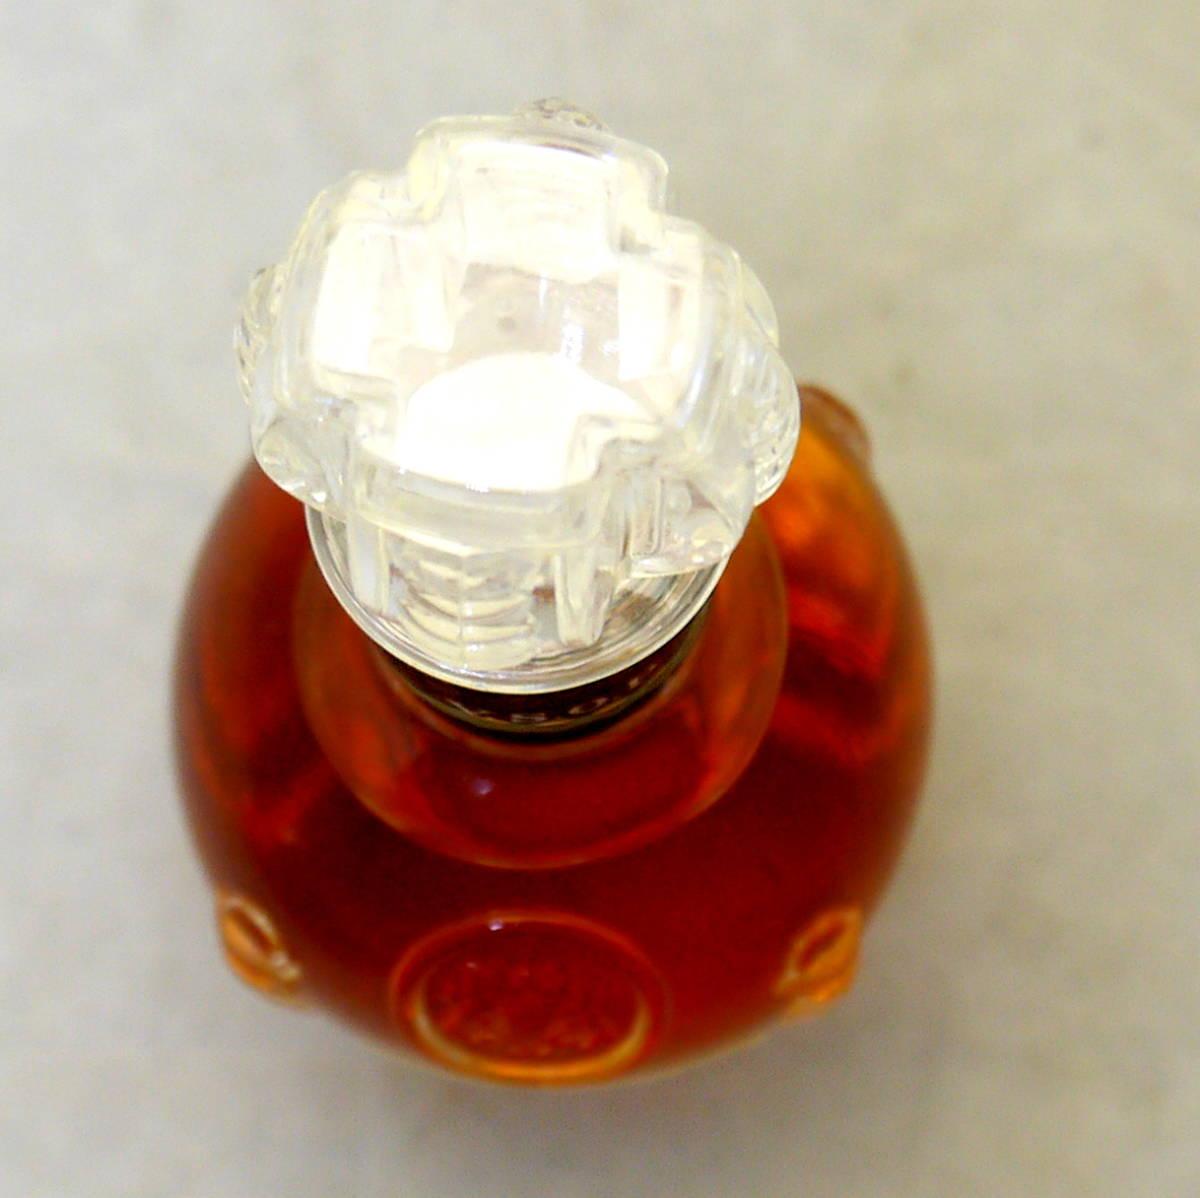 【D201907-42】未開封品 SUNTORY V.S.O.P サントリー ウイスキー 50ml 43% ブランデー _画像3